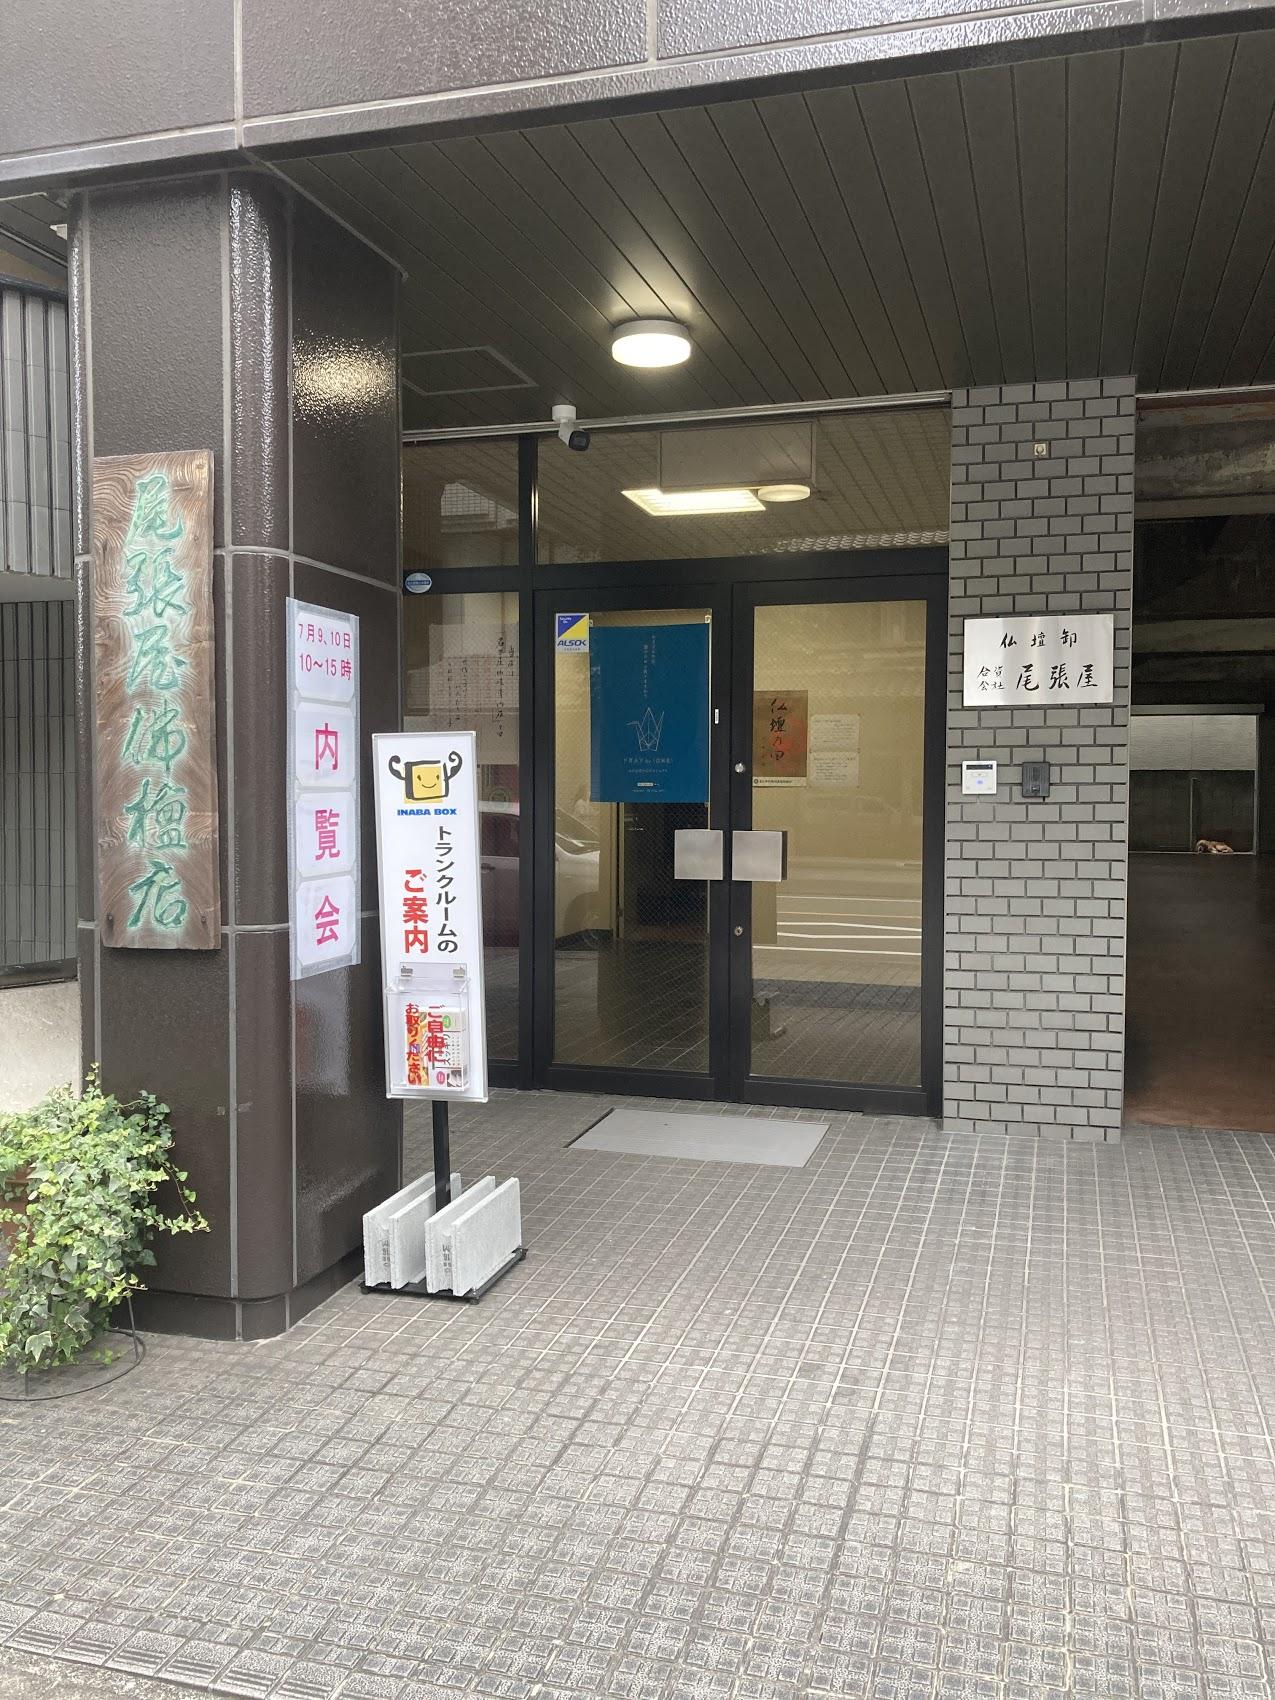 【新規OPEN】橘本町通り店(たちばなほんまちどおり) 1F店舗入口